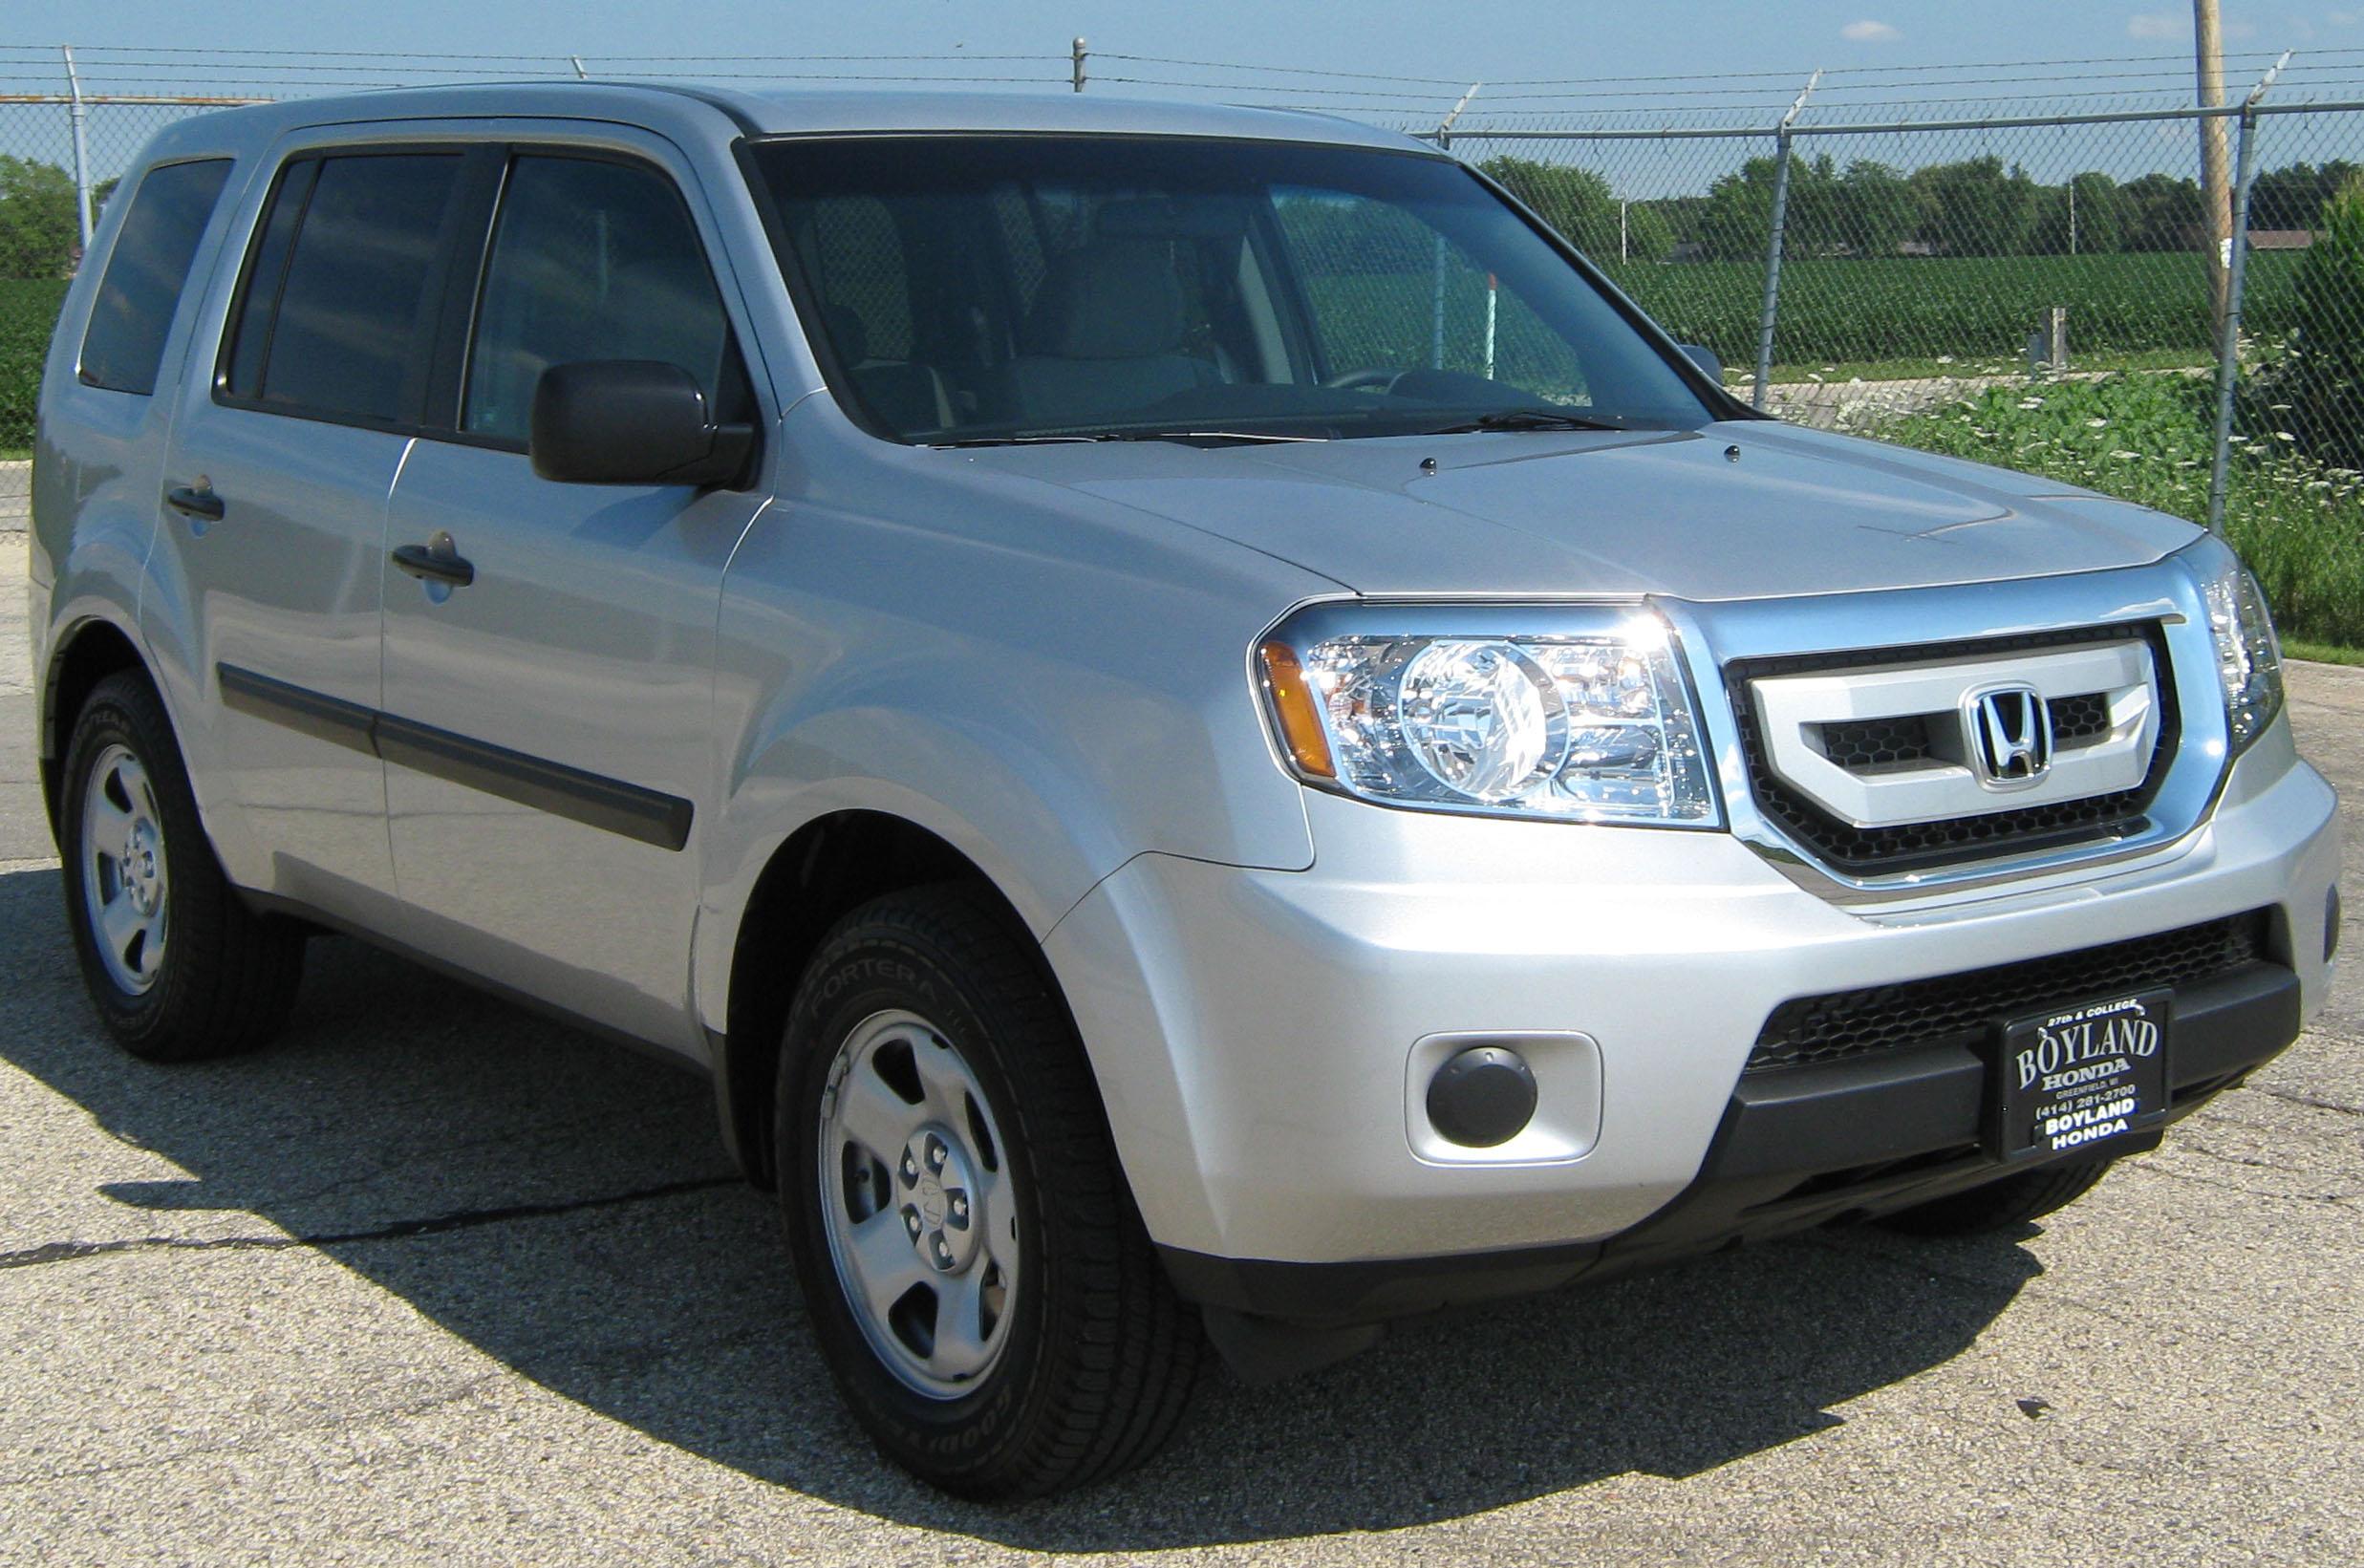 Safe Car Gov >> File:2011 Honda Pilot -- LX NHTSA.jpg - Wikimedia Commons